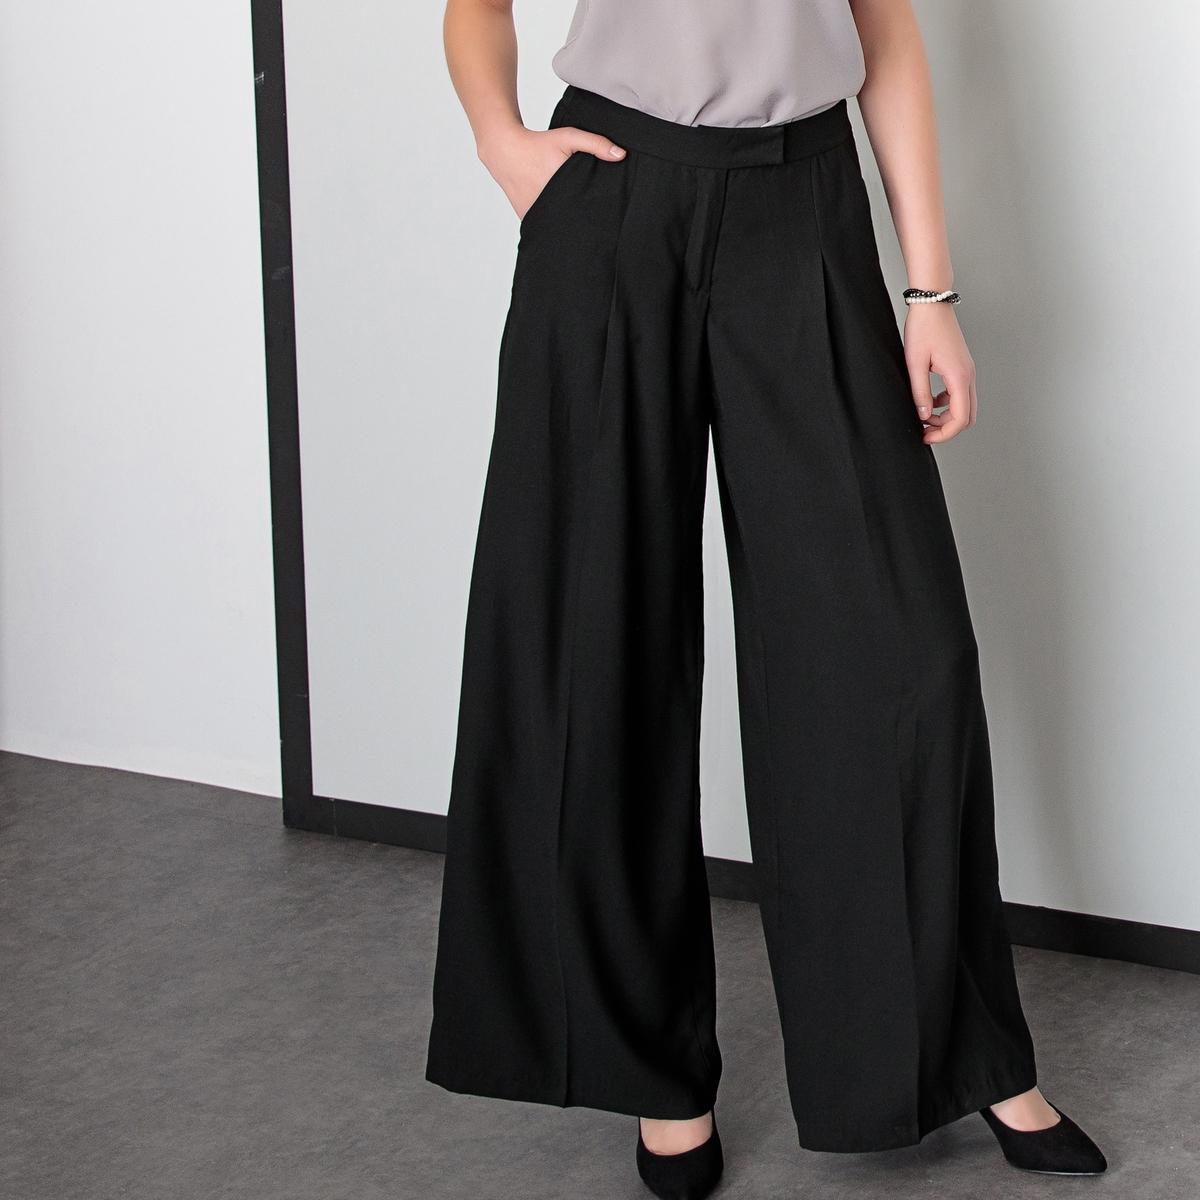 Imagen adicional de producto de Pantalón urbano ancho de sarga stretch - Anne weyburn